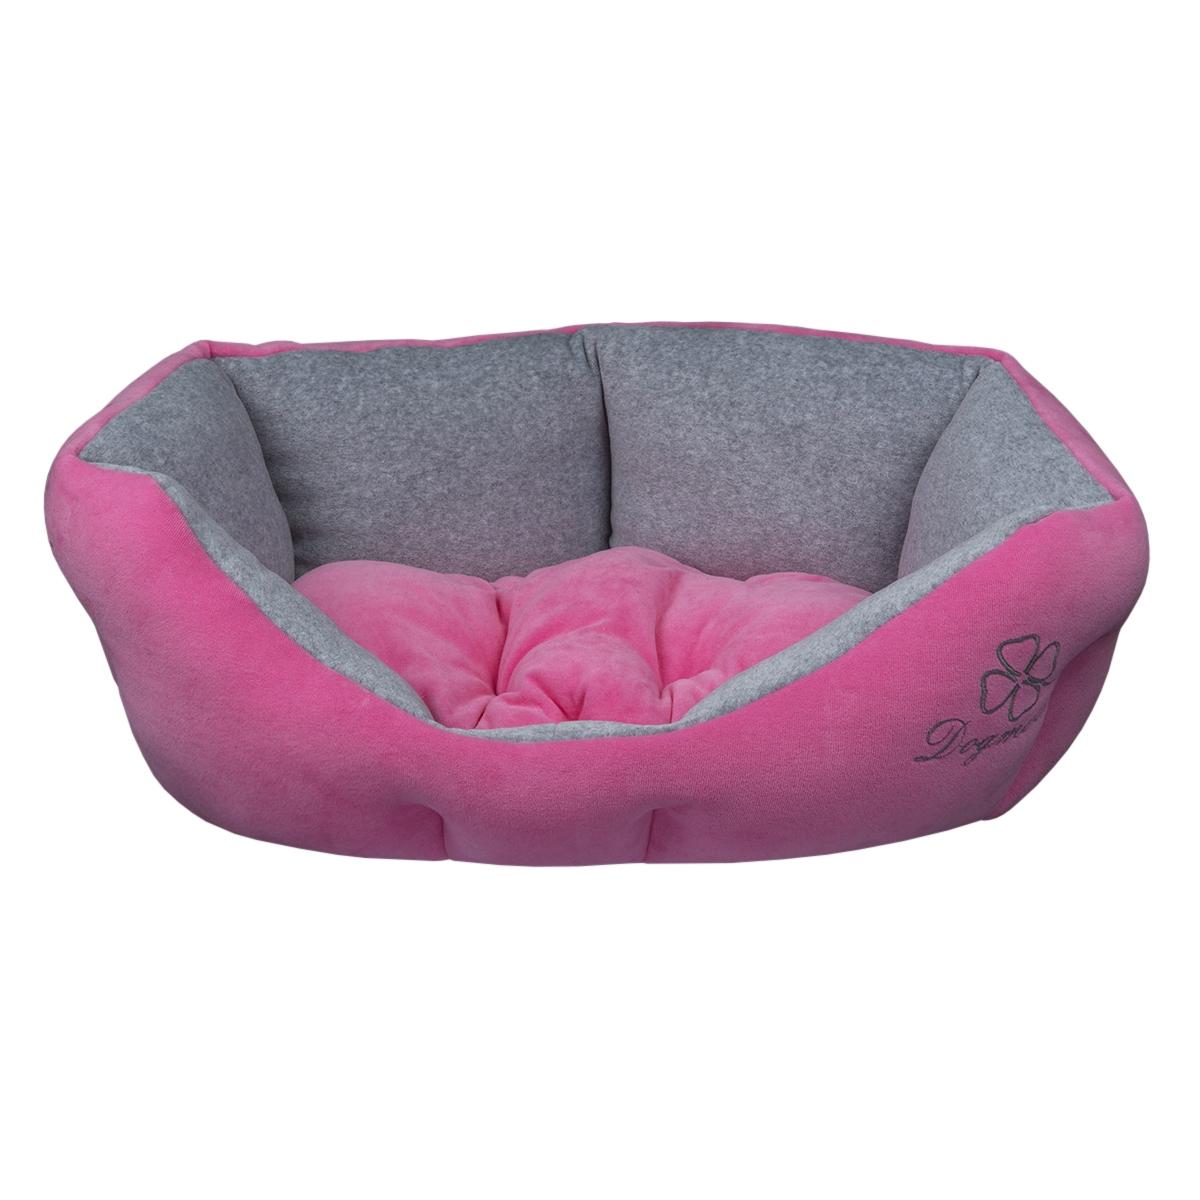 Лежак для животных Dogmoda Ретро, цвет: розовый, серый, 54 х 50 х 23 см0120710Лежак Dogmoda Ретро непременно станет любимым местом отдыха вашего домашнего животного. Изделие выполнено из высококачественного полиэстера и велюра, а наполнитель - из холлофайбера. Такой материал не теряет своей формы долгое время. Внутри имеется мягкая съемная подстилка.На таком лежаке вашему любимцу будет мягко и тепло. Он подарит вашему питомцу ощущение уюта и уединенности.